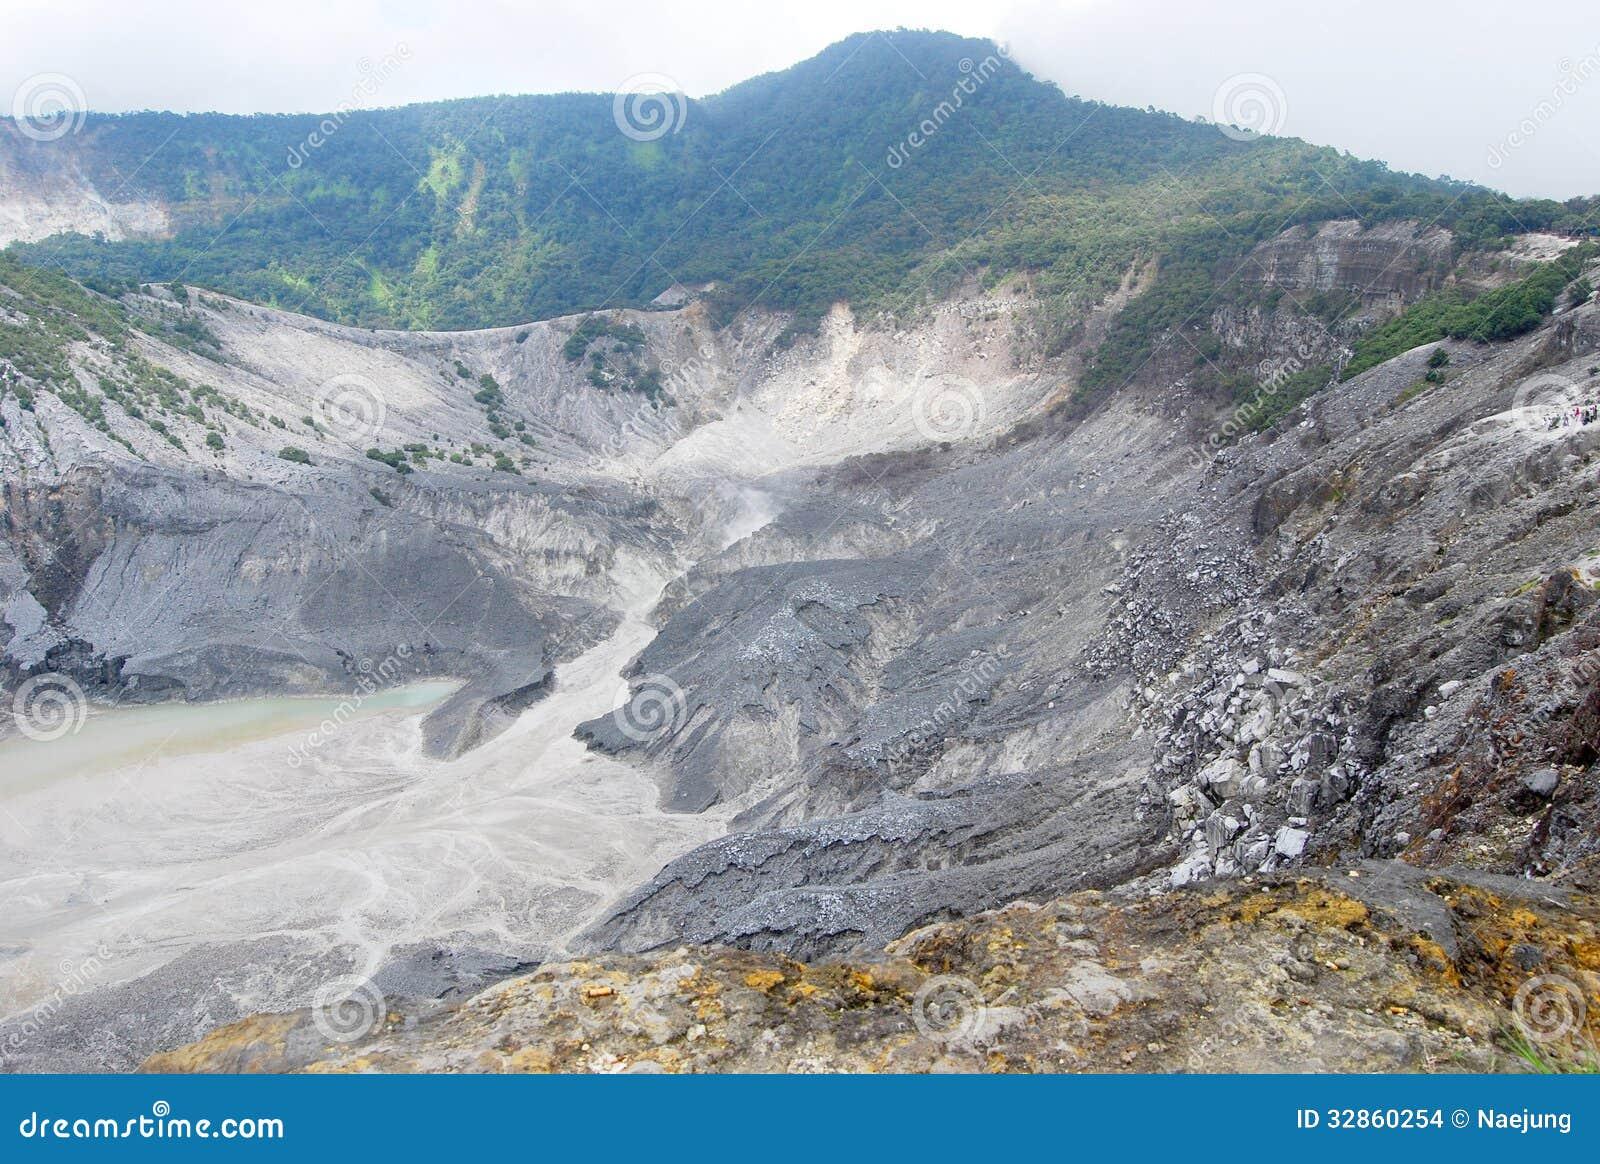 Gunung Bartur volcano